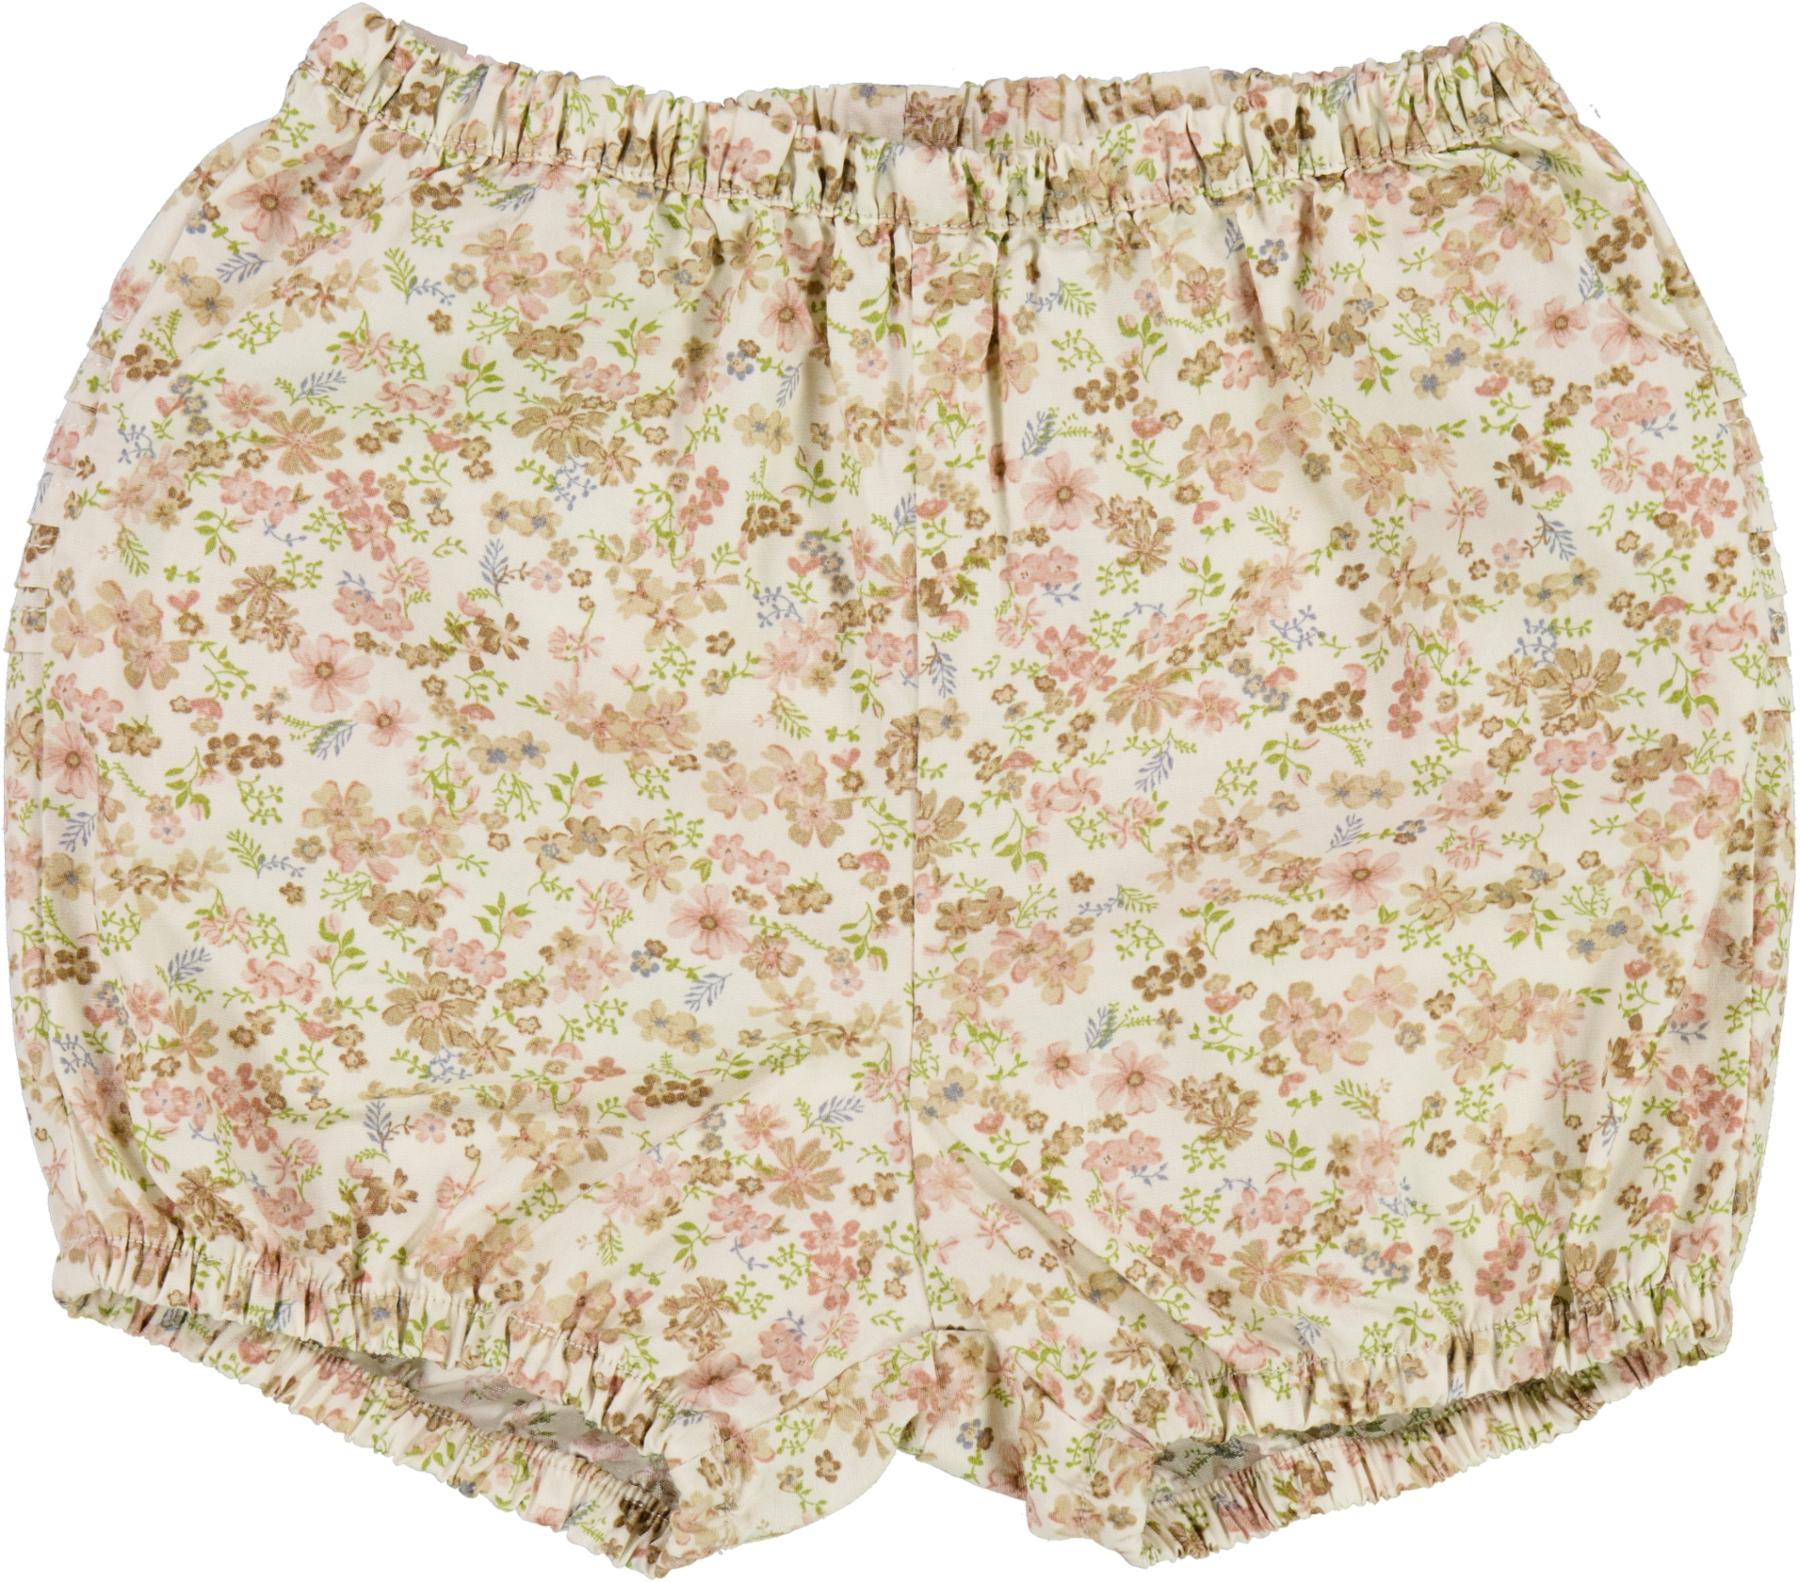 Wheat Nappy Pleats shorts